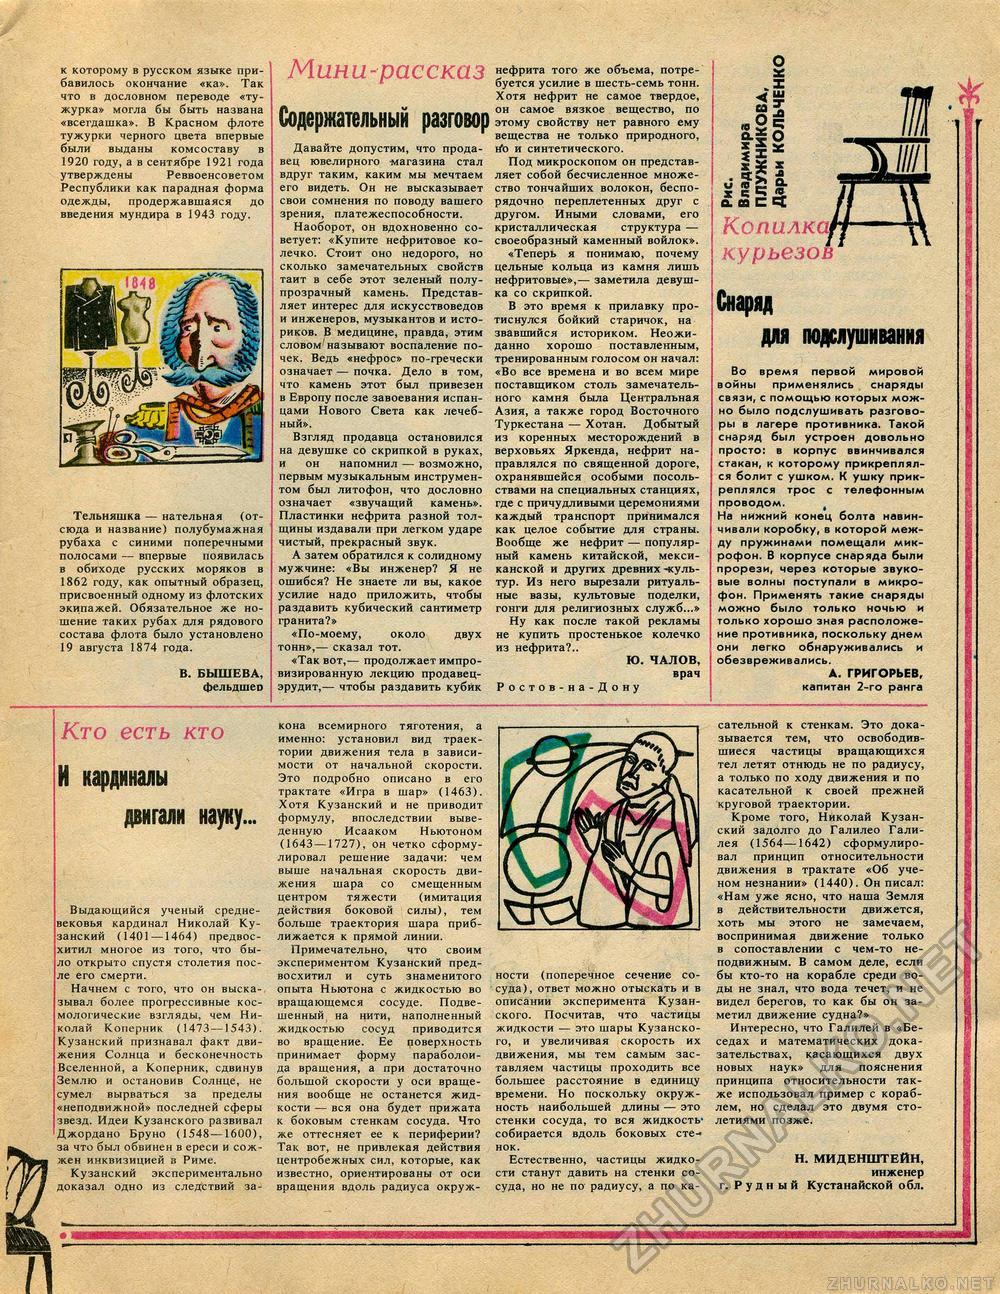 http://zhurnalko.net/images/c/7/c78b0d27f045cbfdb8d2/page0059.jpg